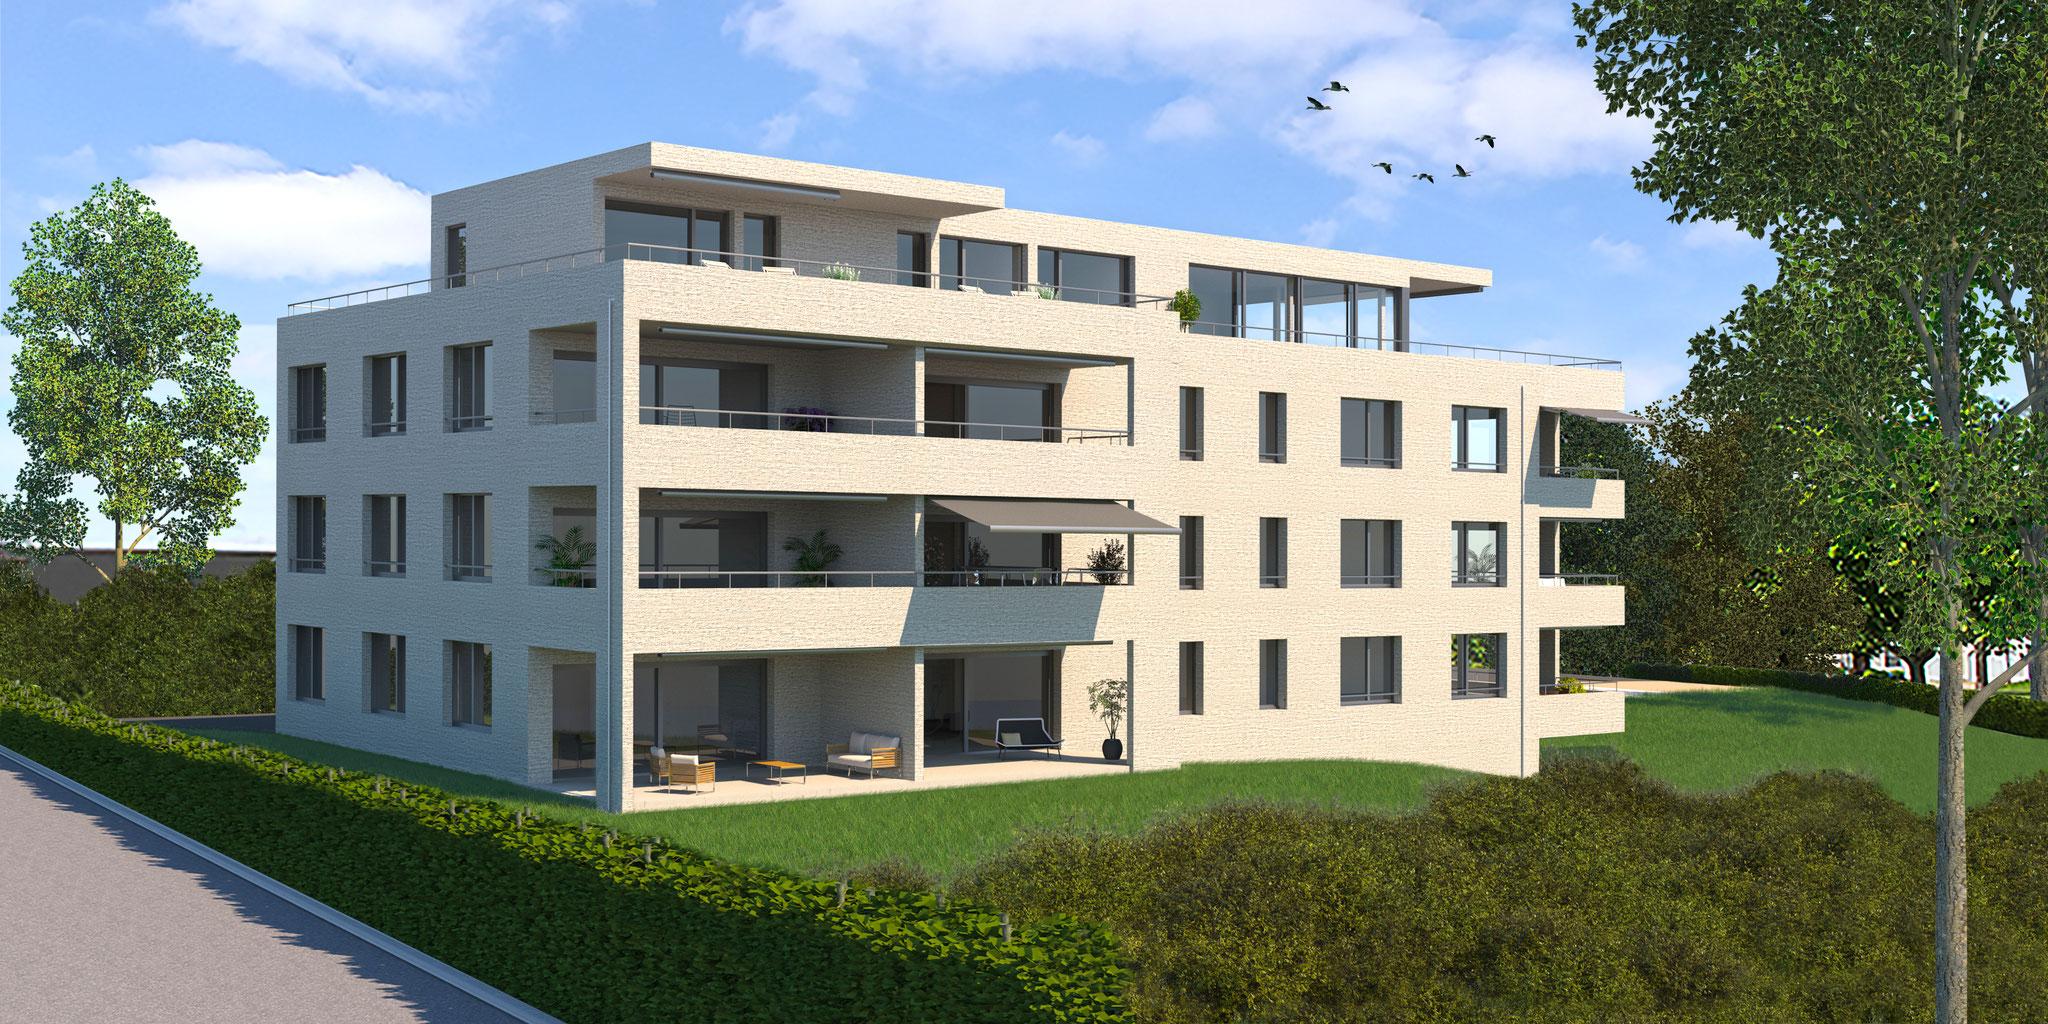 Das viergeschossige Gebäude ist mit zehn Wohneinheiten bestückt und verfügt über vier Grundrisstypen.